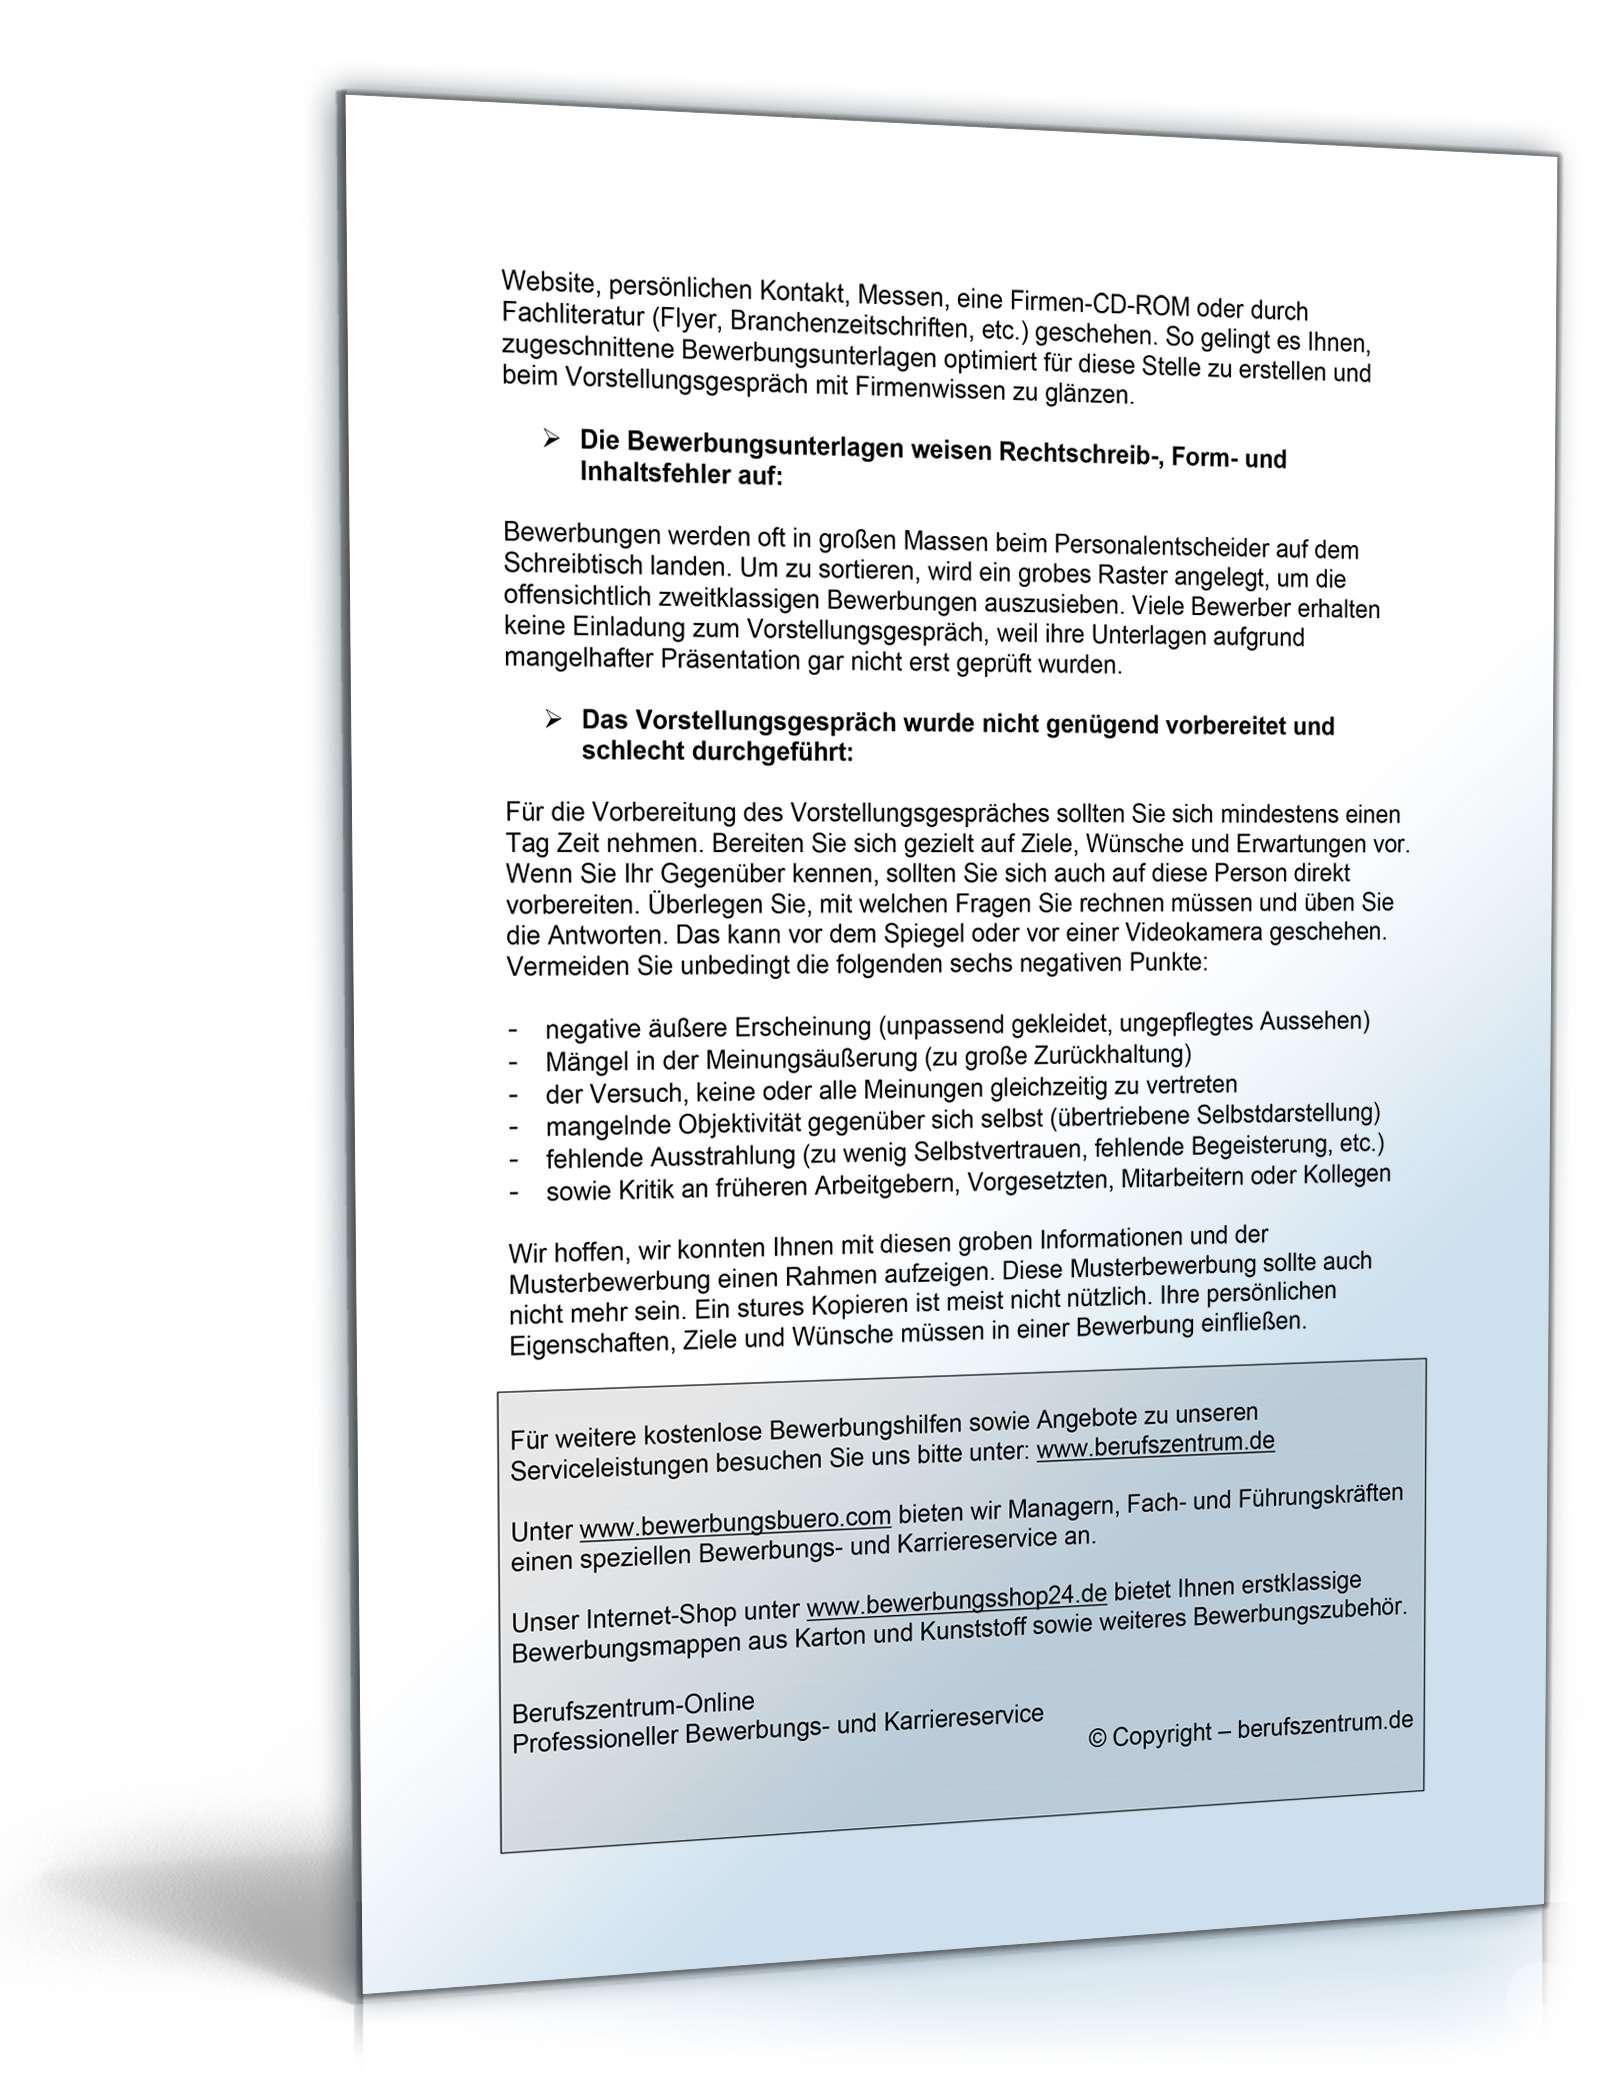 vorlage einladung vorstellungsgespräch – thegirlsroom.co, Einladung